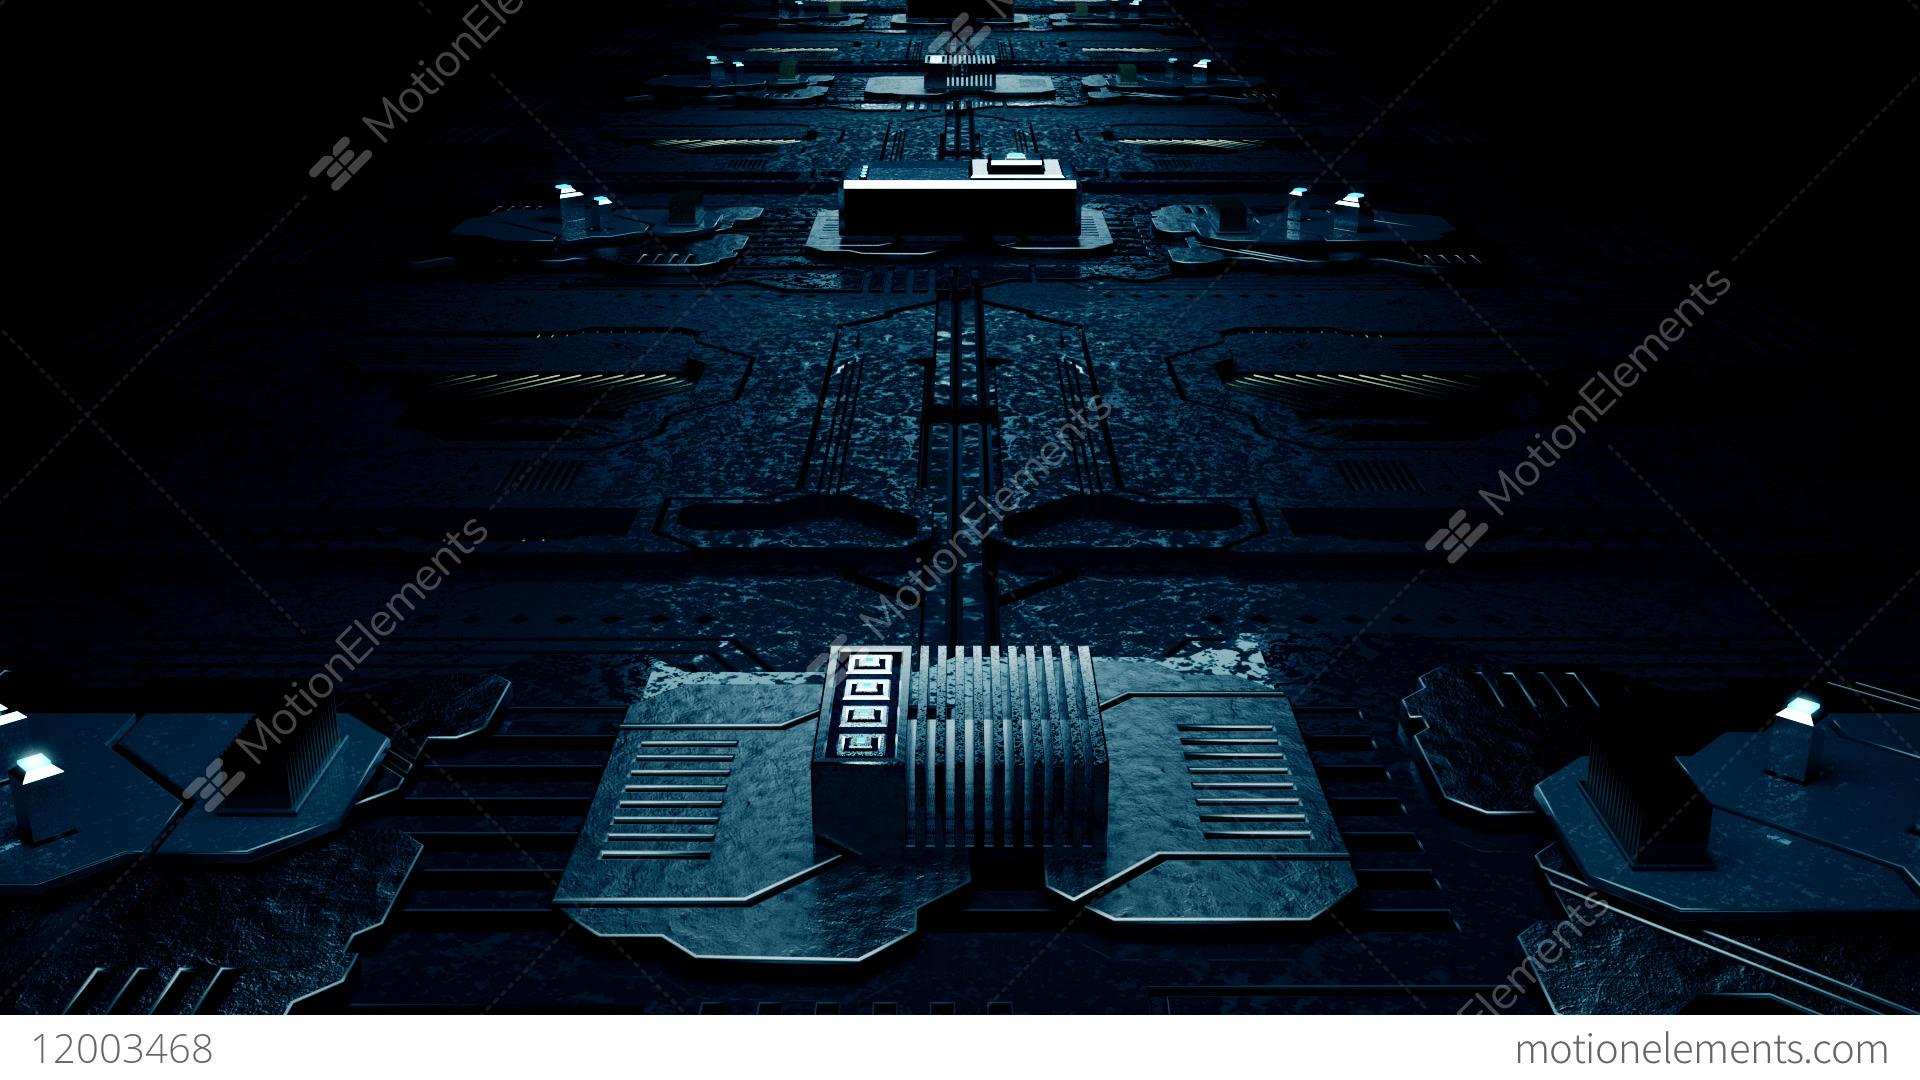 Circuit Board Loop V2 Stock Animation 12003468 Circuitboardtablejpg Video Footage